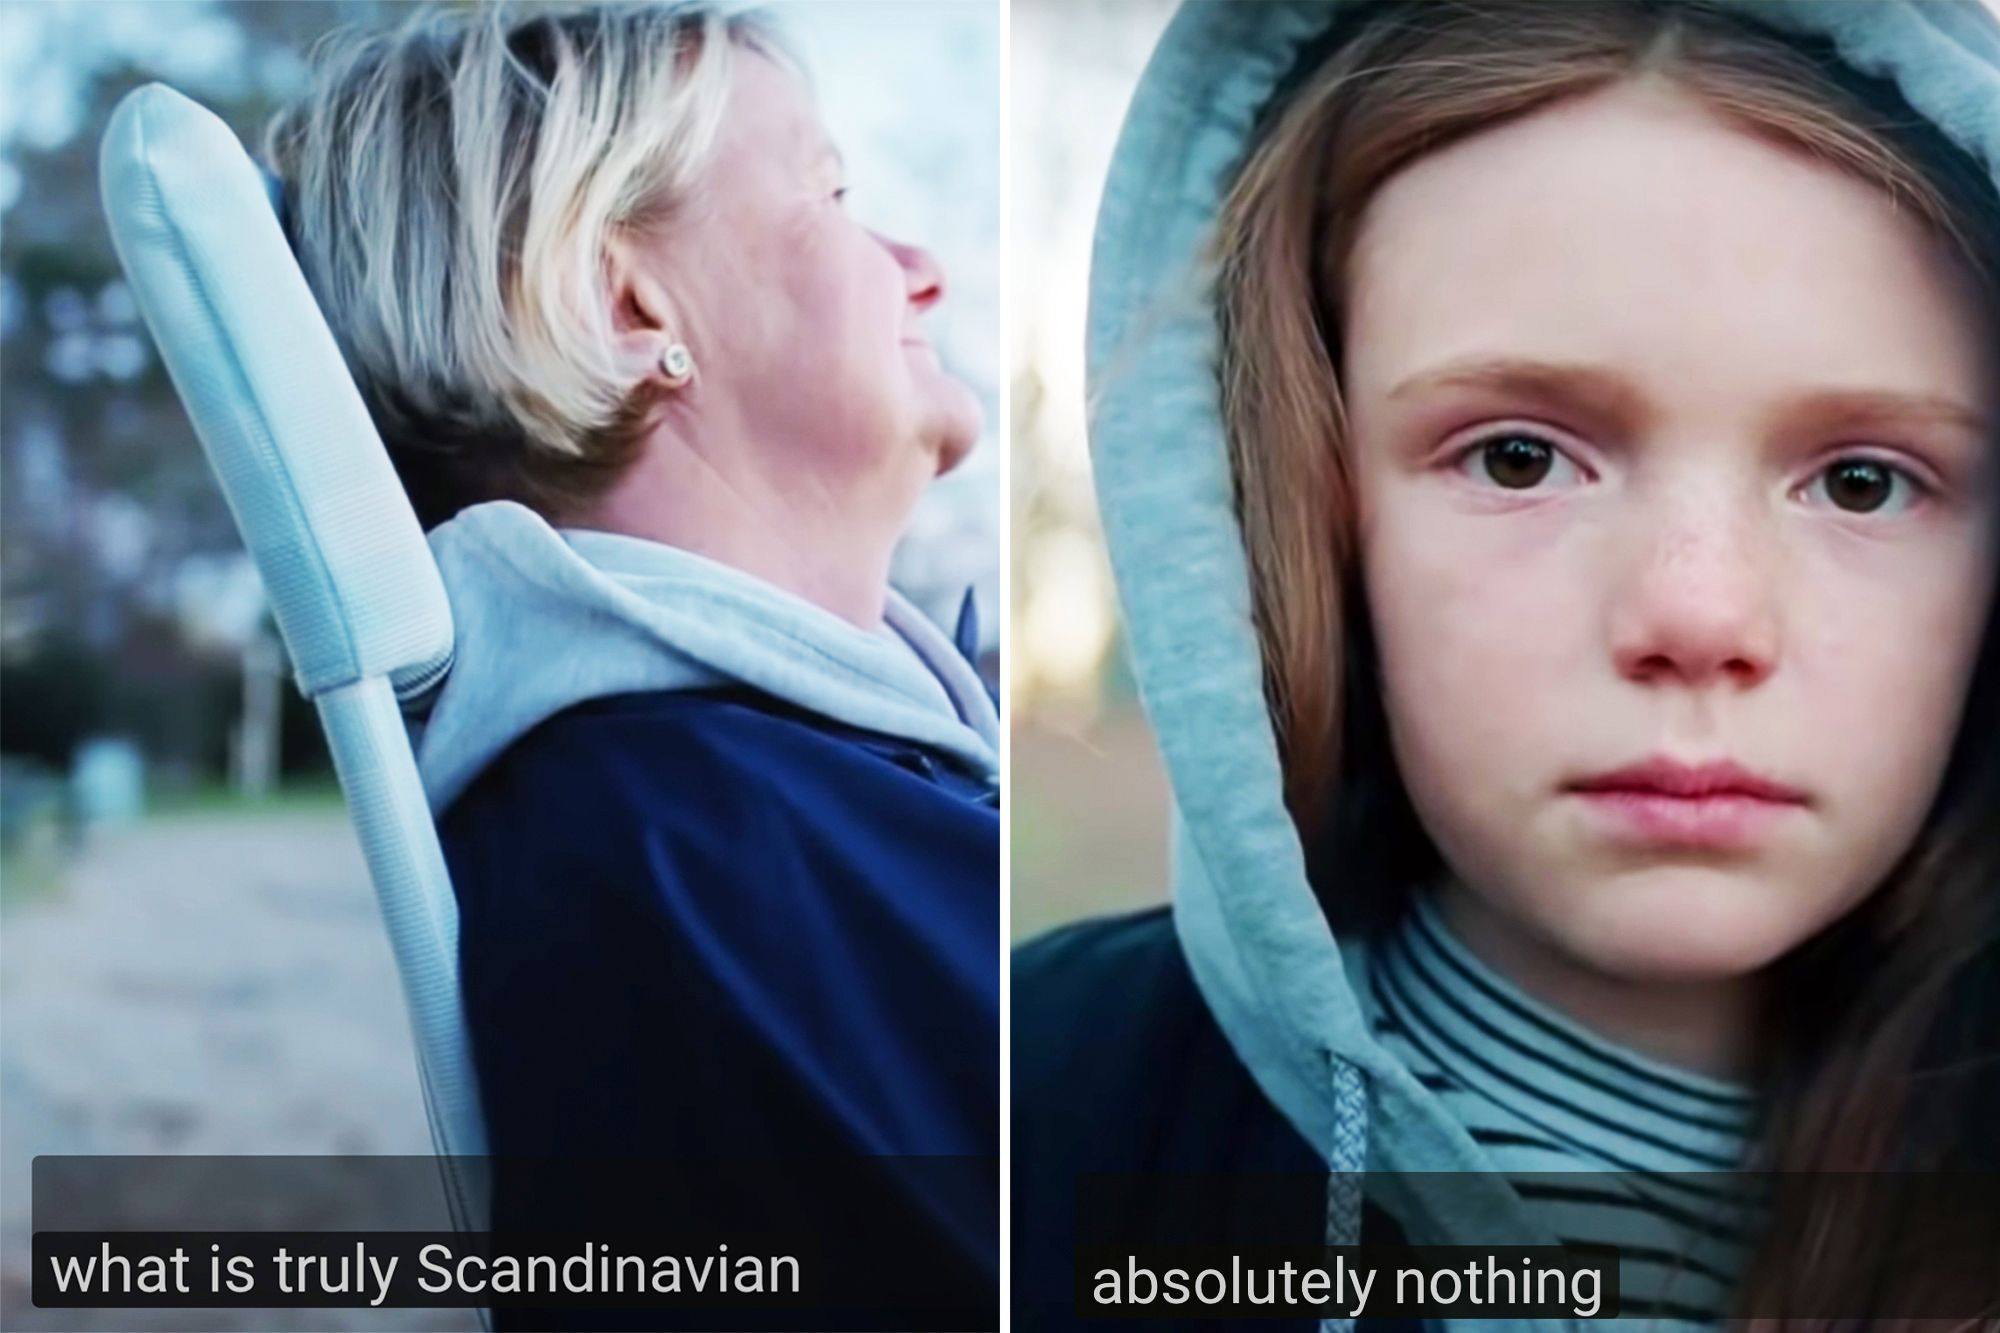 İskandinav Havayolları'nın Reklam Filmi, İskandinav Kültürünü Karaladığı Gerekçesiyle Yayından Kaldırıldı